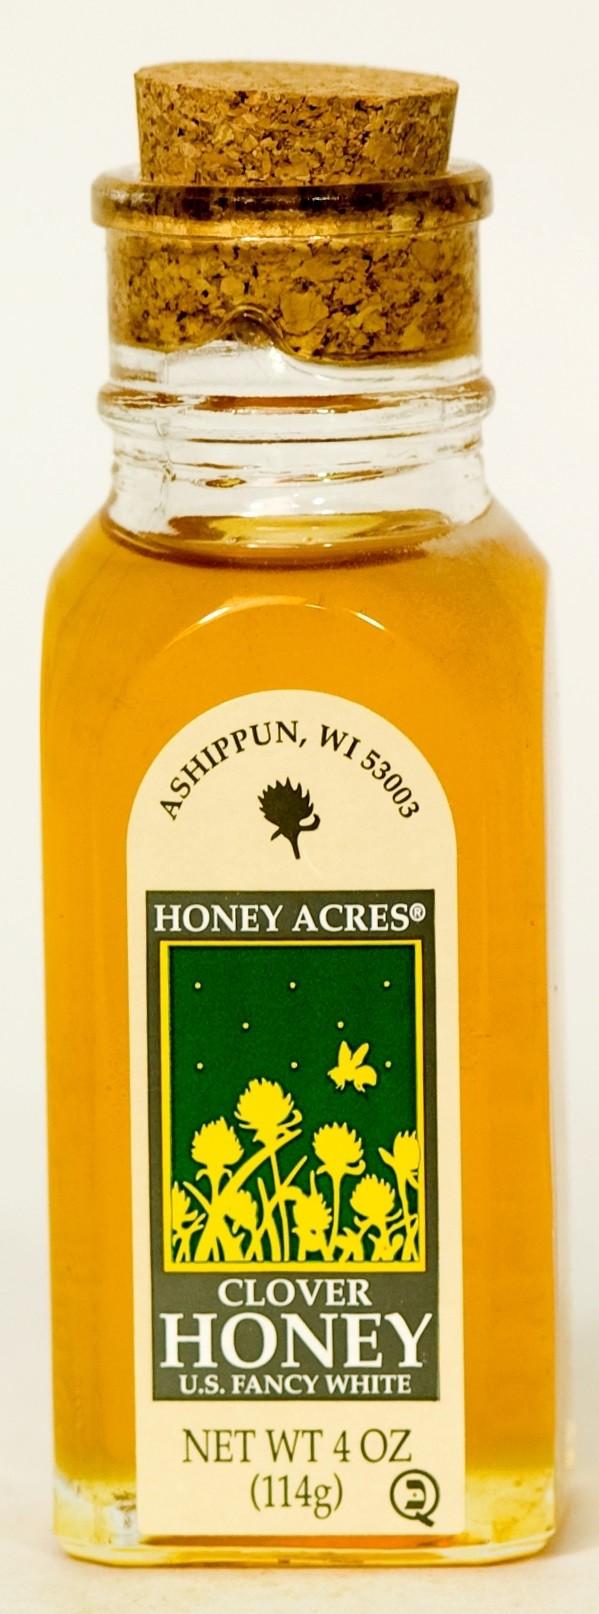 Honey Acres Artisan Honey, Pure Clover Honey, 4 Oz Muth Jar